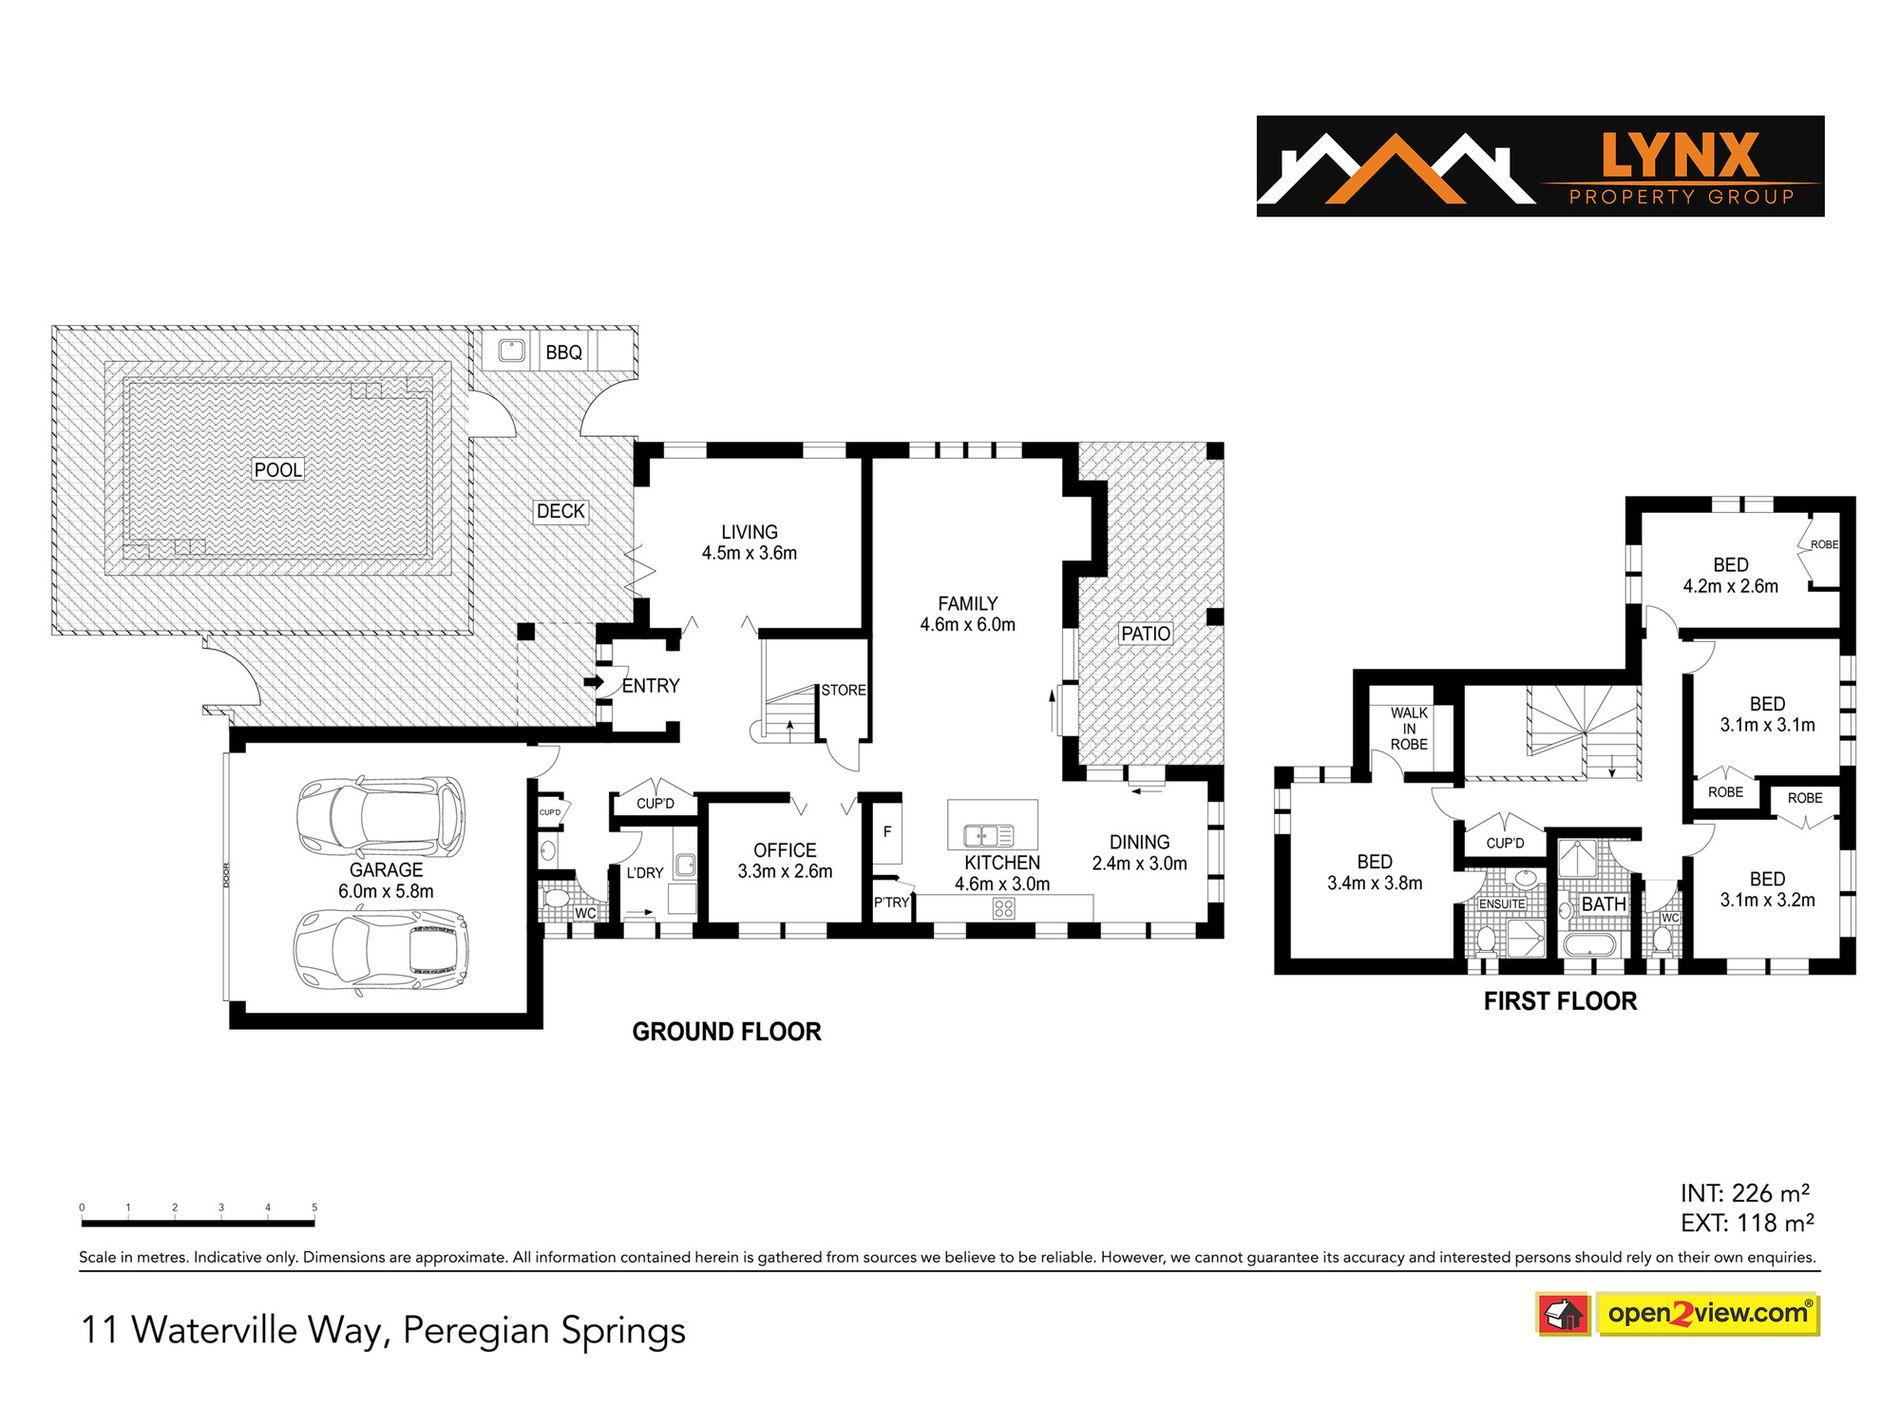 11 Waterville Way, Peregian Springs